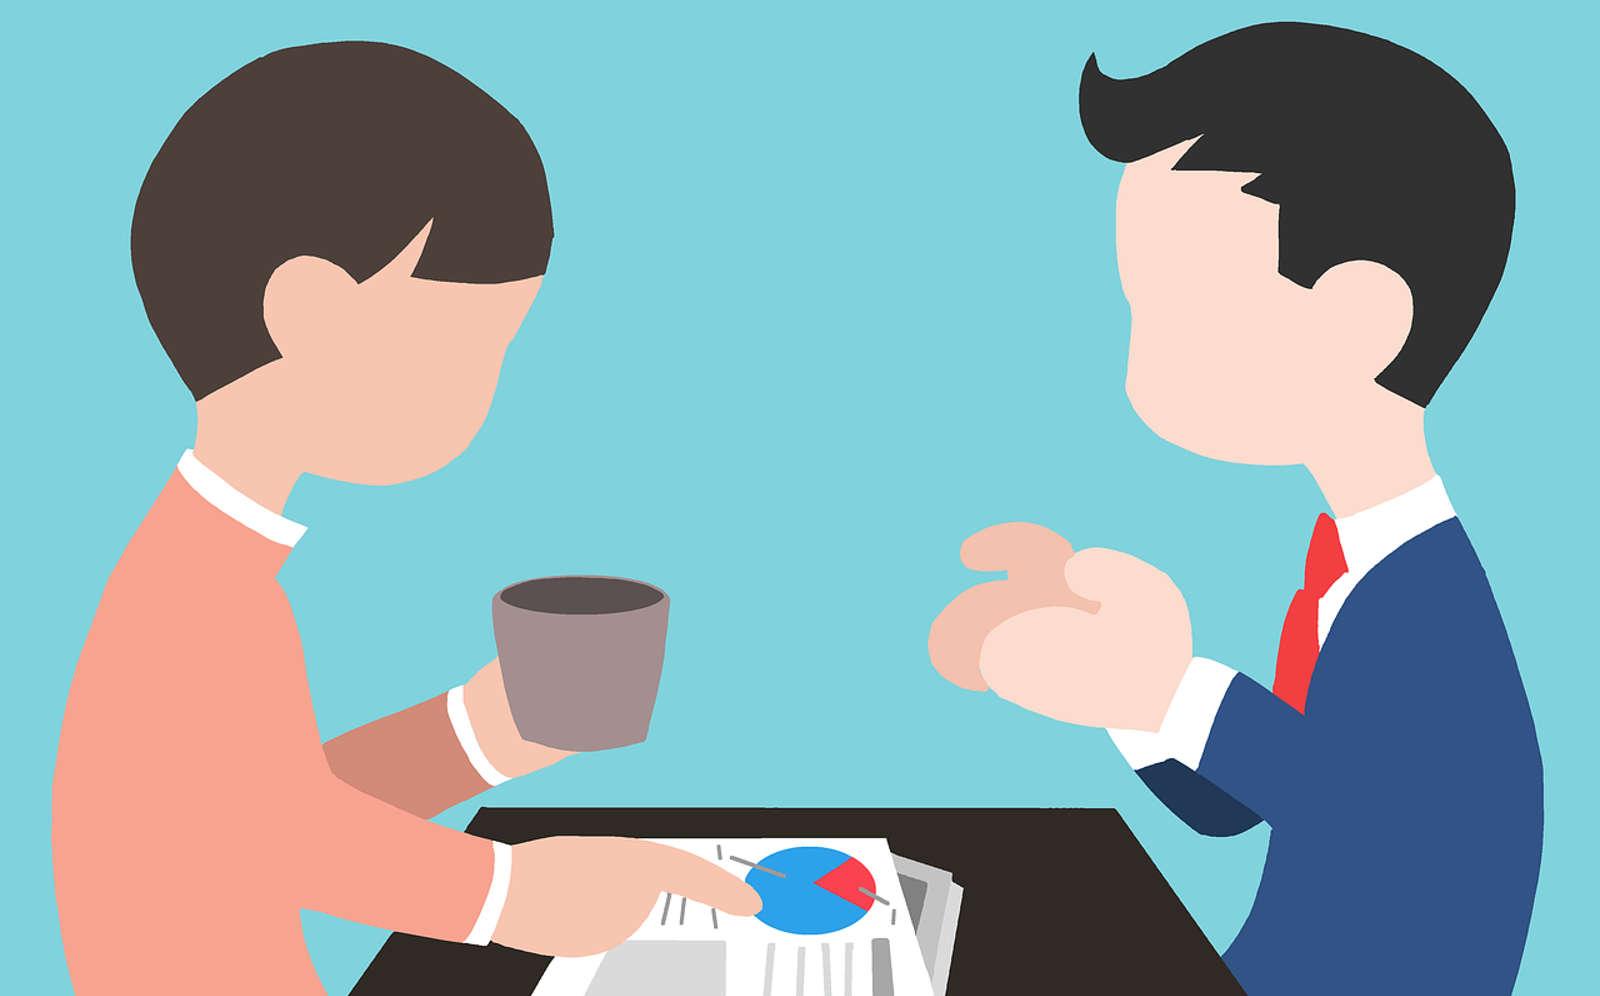 szkolenia menedżerskie, komunikacja szkolenia